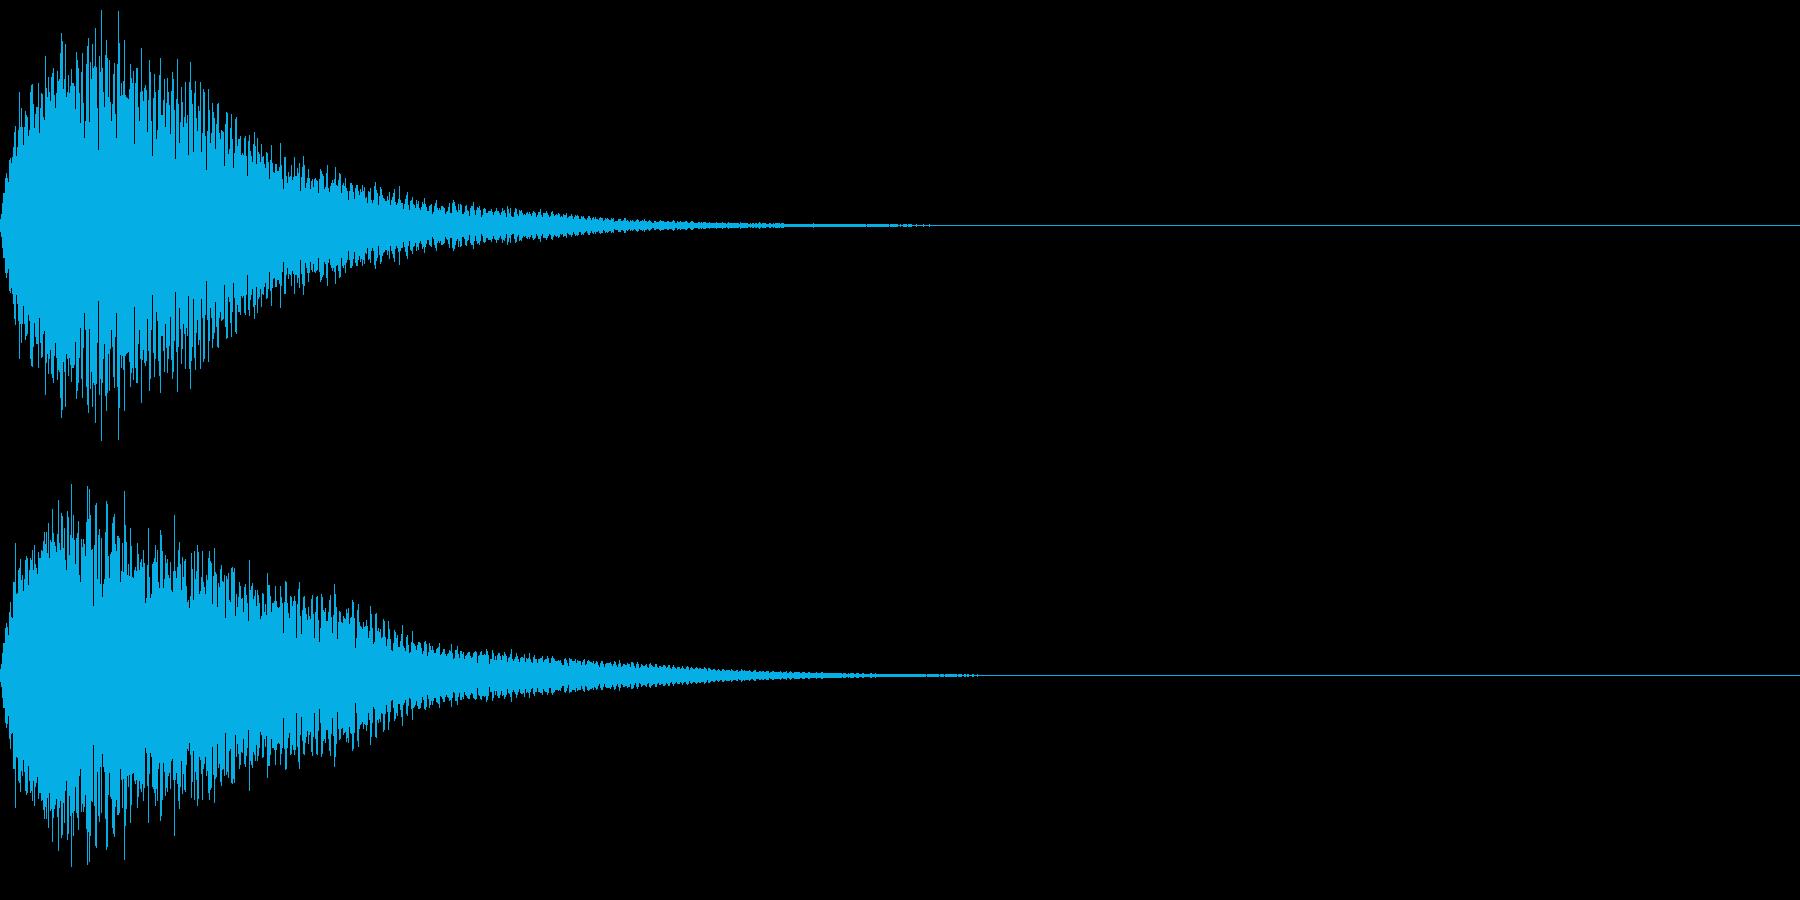 キュイン ボタン ピキーン キーン 3の再生済みの波形